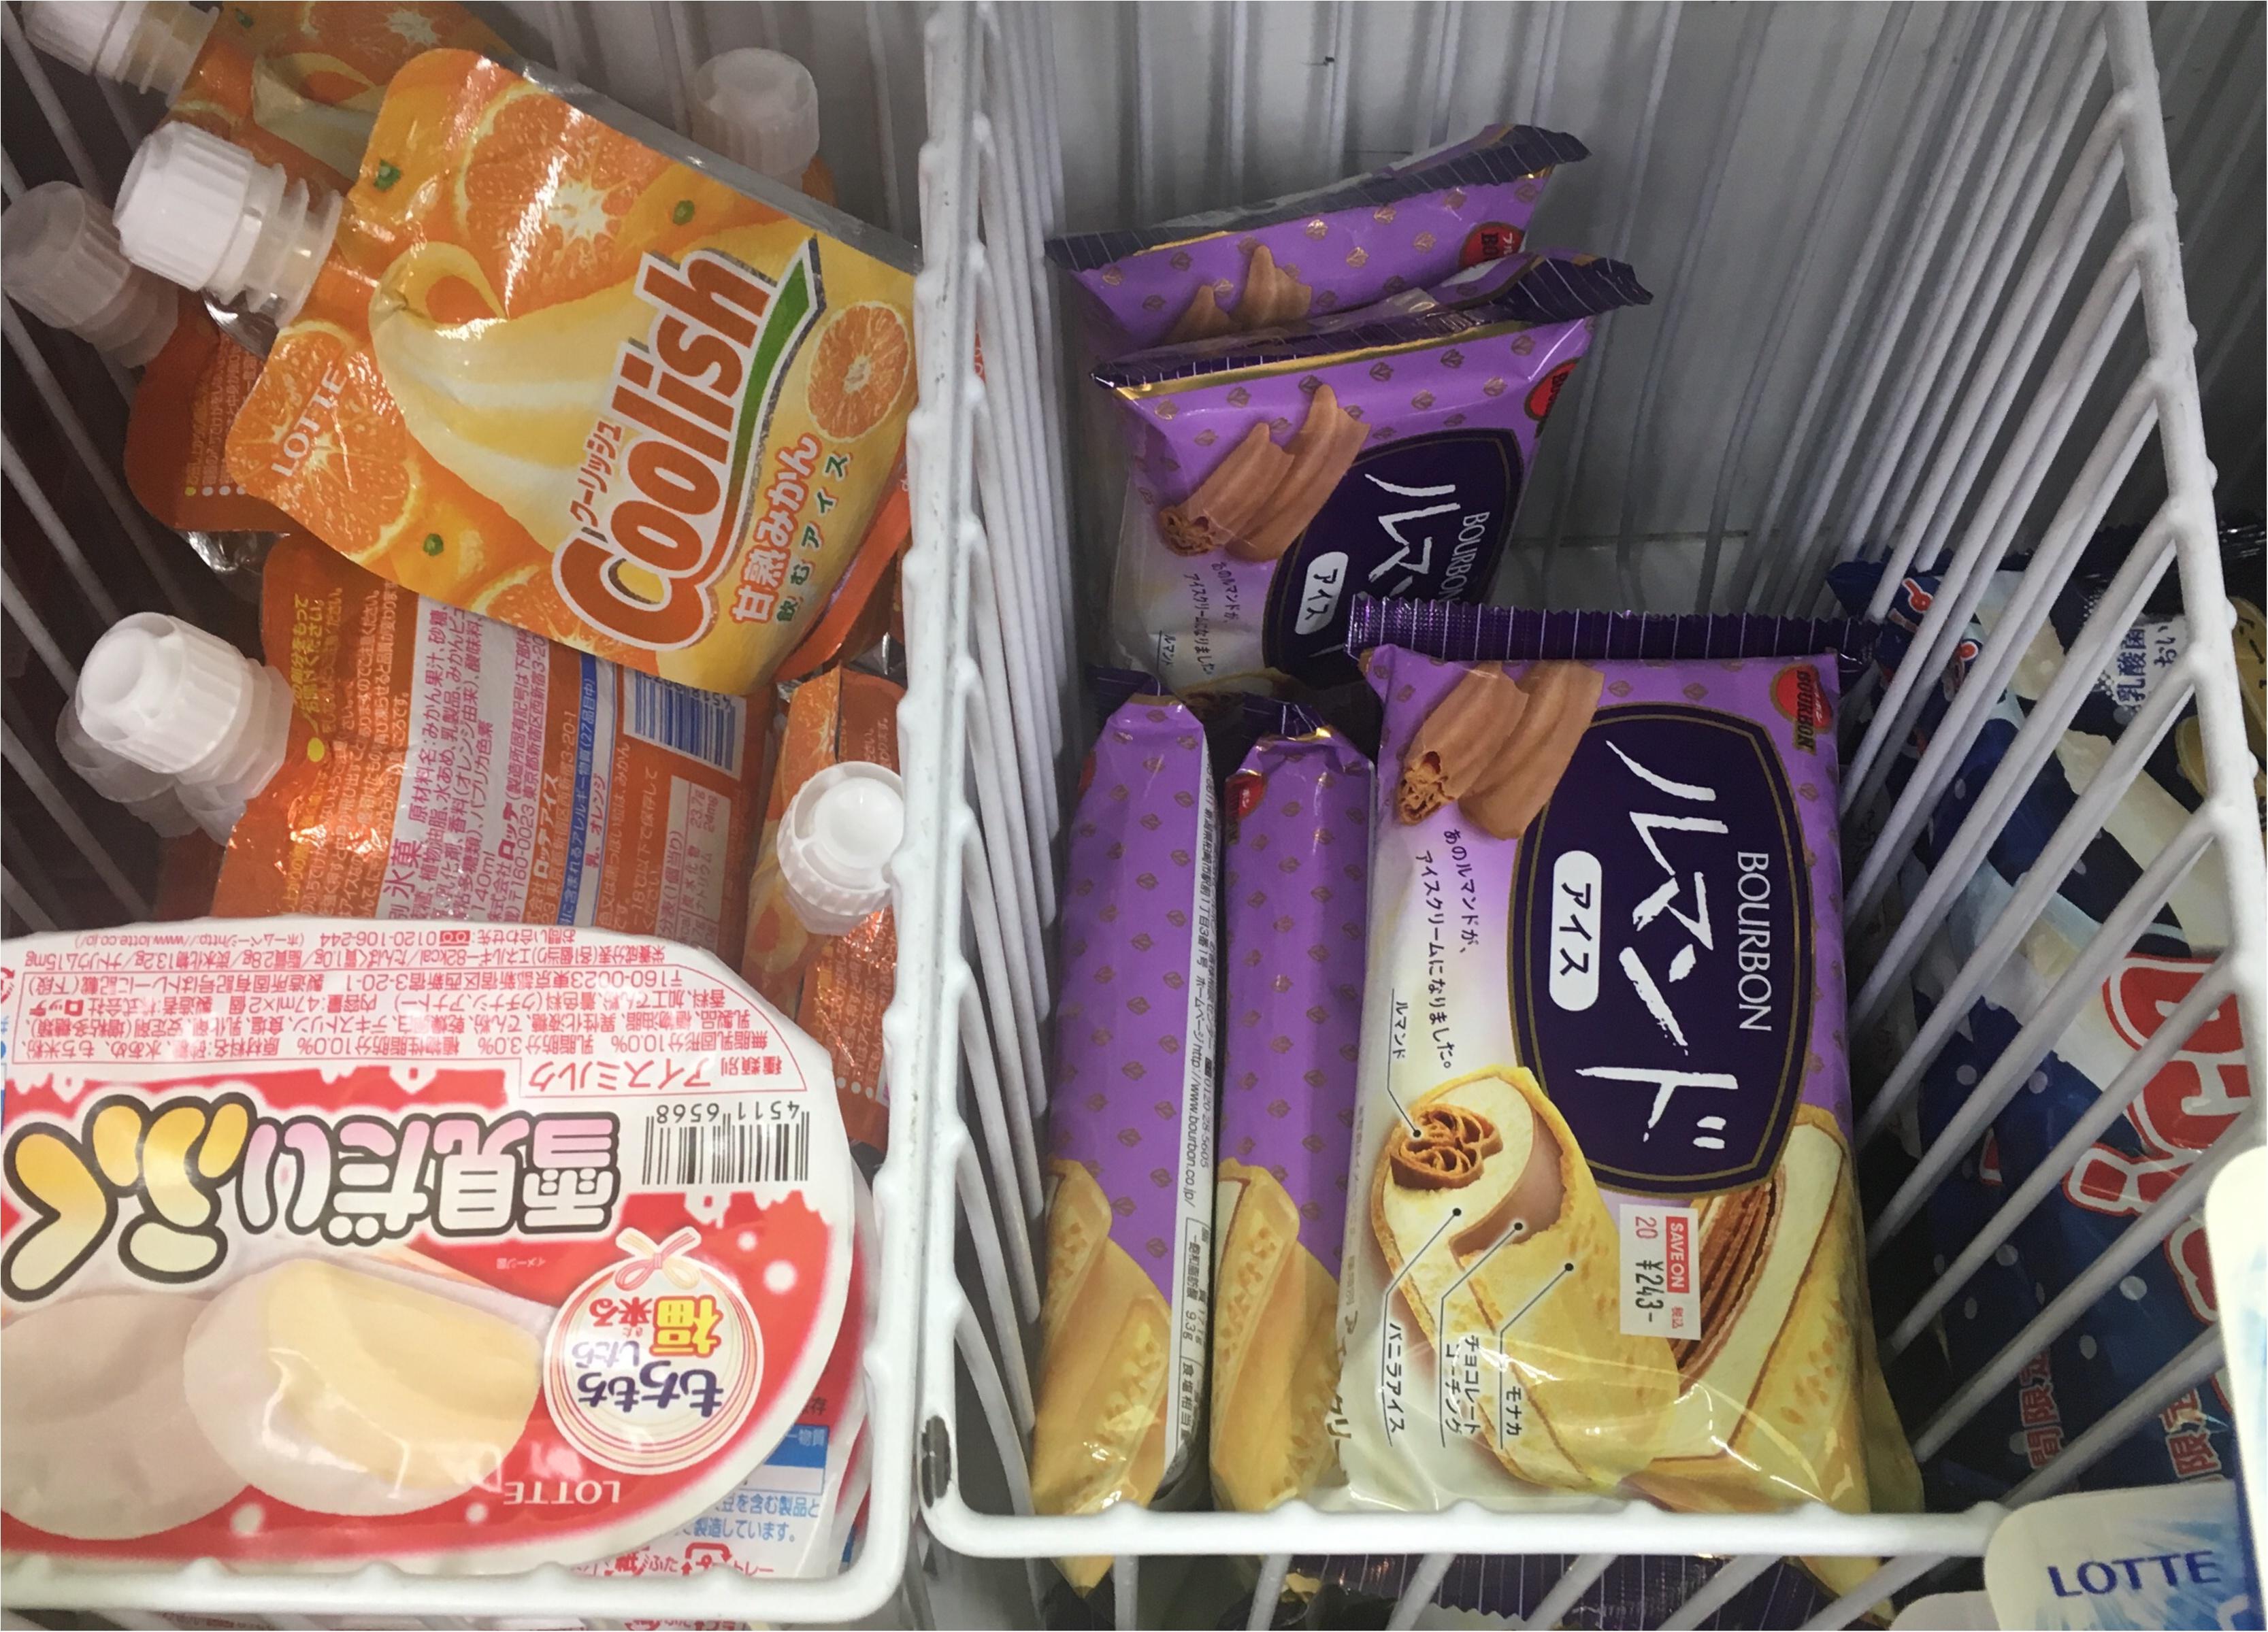 【旅行▶グルメ】もう東京駅でも食べられないあのアイスから定番B級グルメや海の幸まで♡新潟のオススメグルメ_7